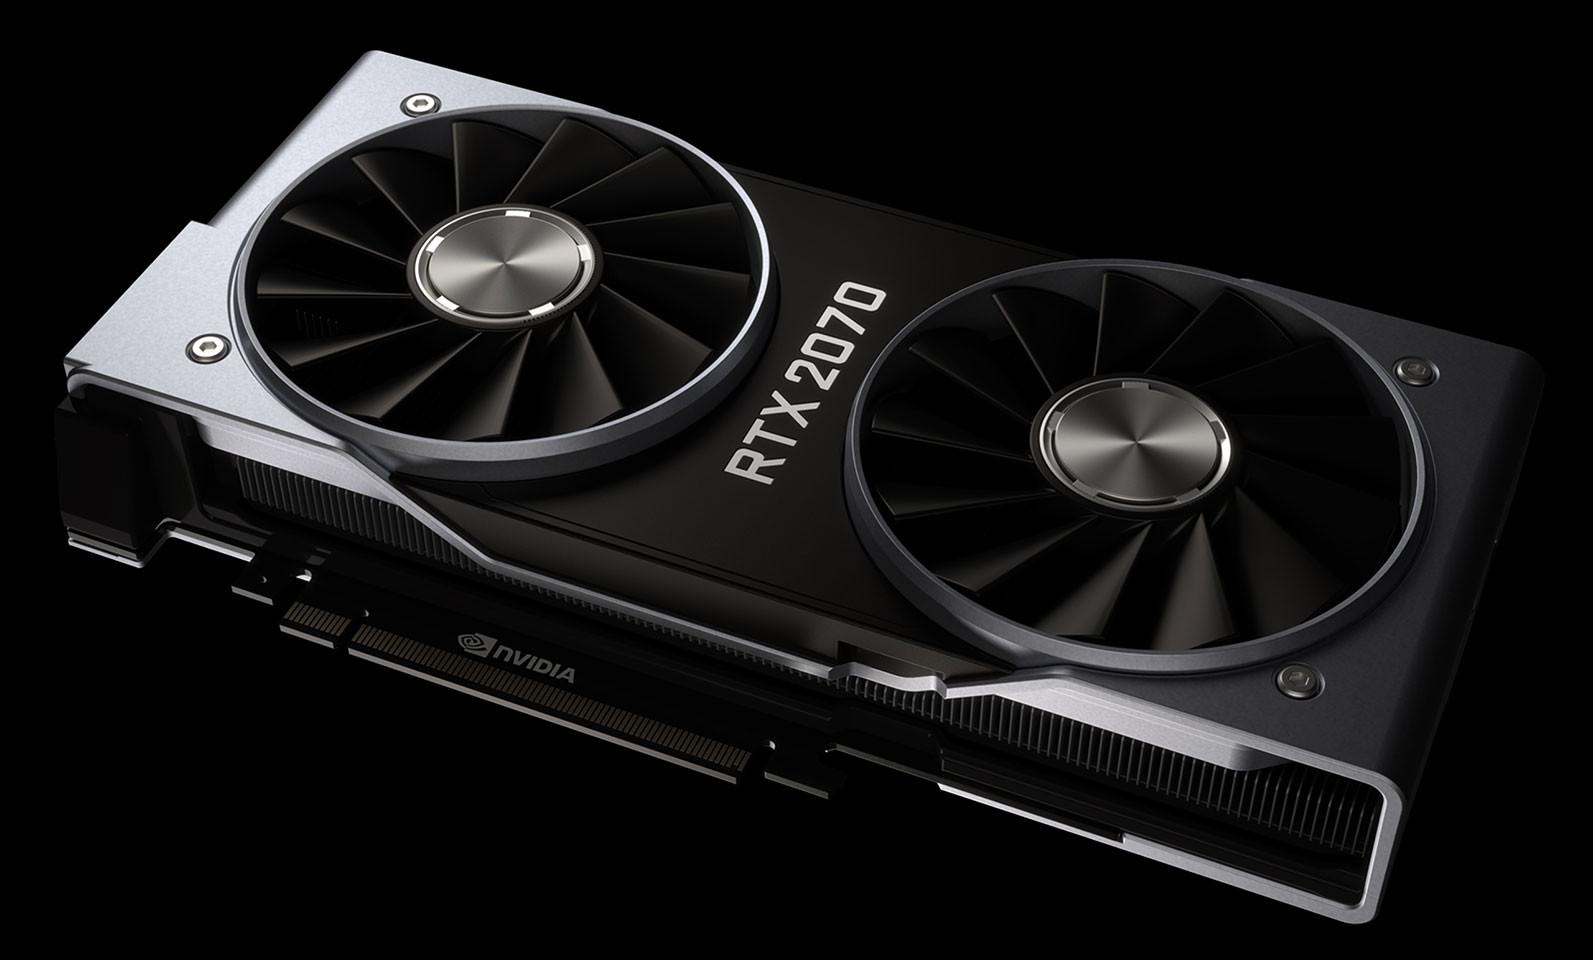 Recyclage de la RTX 2070 pour palier au manque de Radeon RX 5700 XT